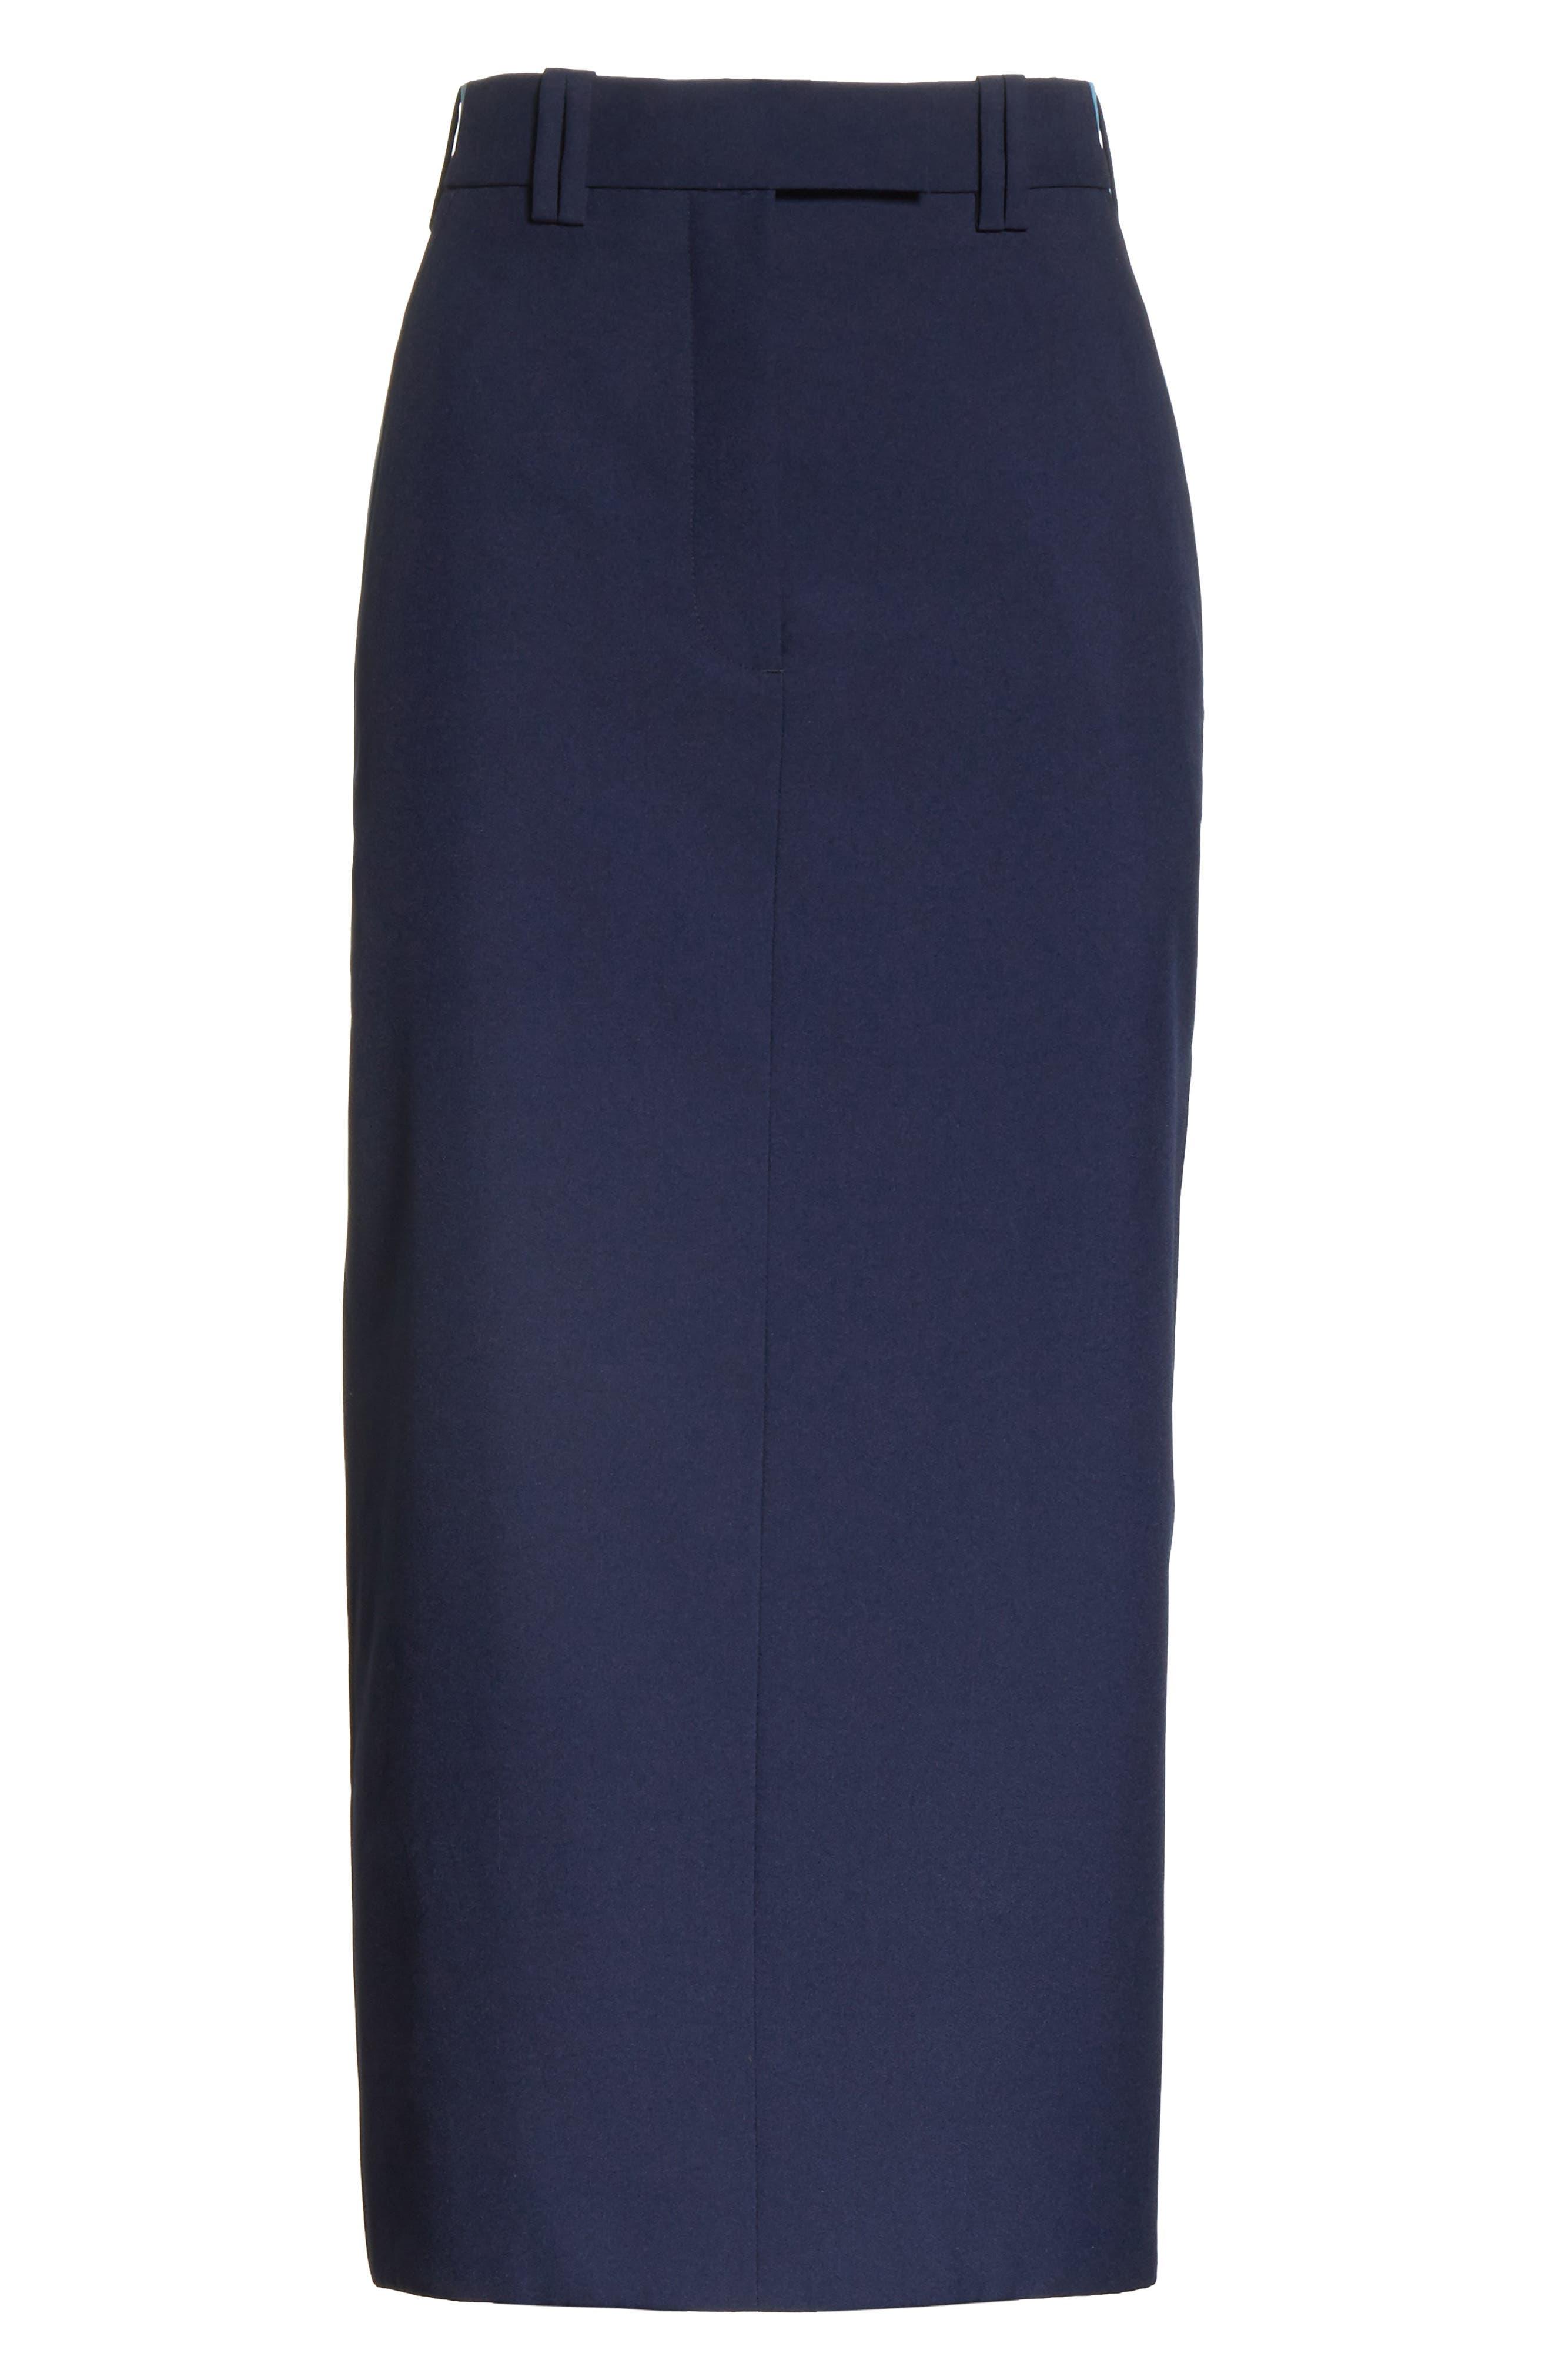 Uniform Midi Skirt,                             Alternate thumbnail 6, color,                             404